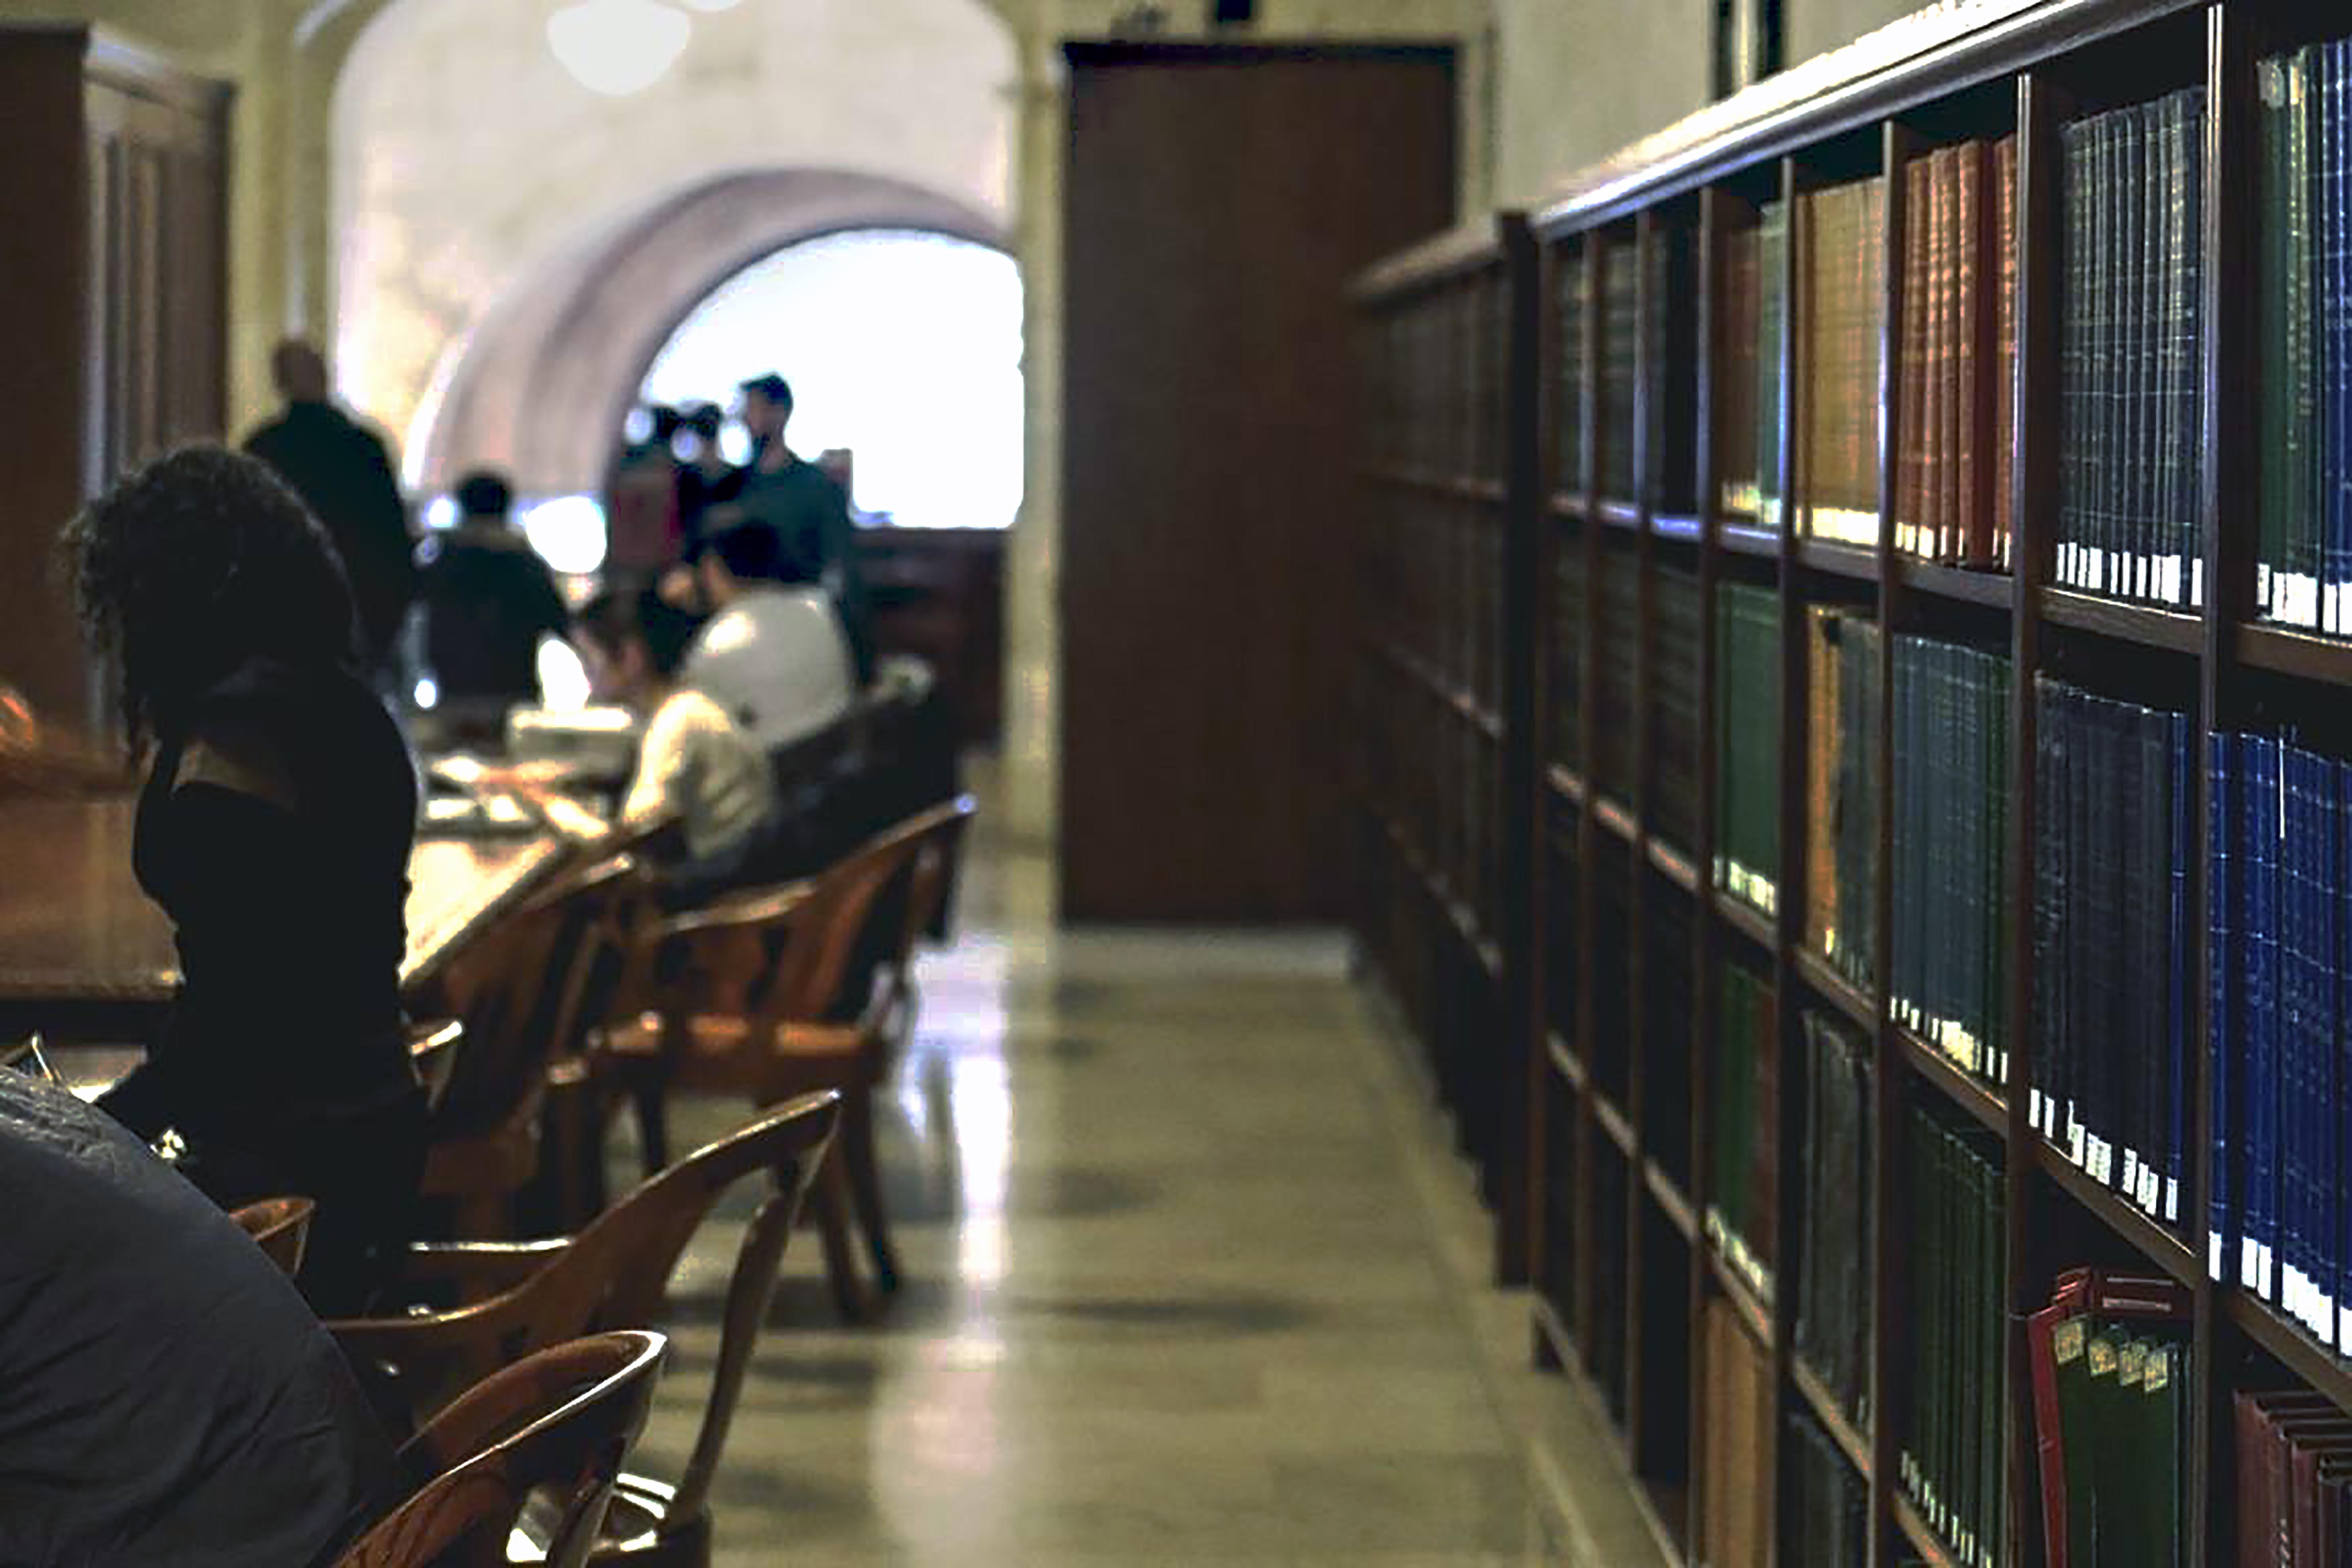 Foto cortesía de Davide Cantelli de Unsplash.com.